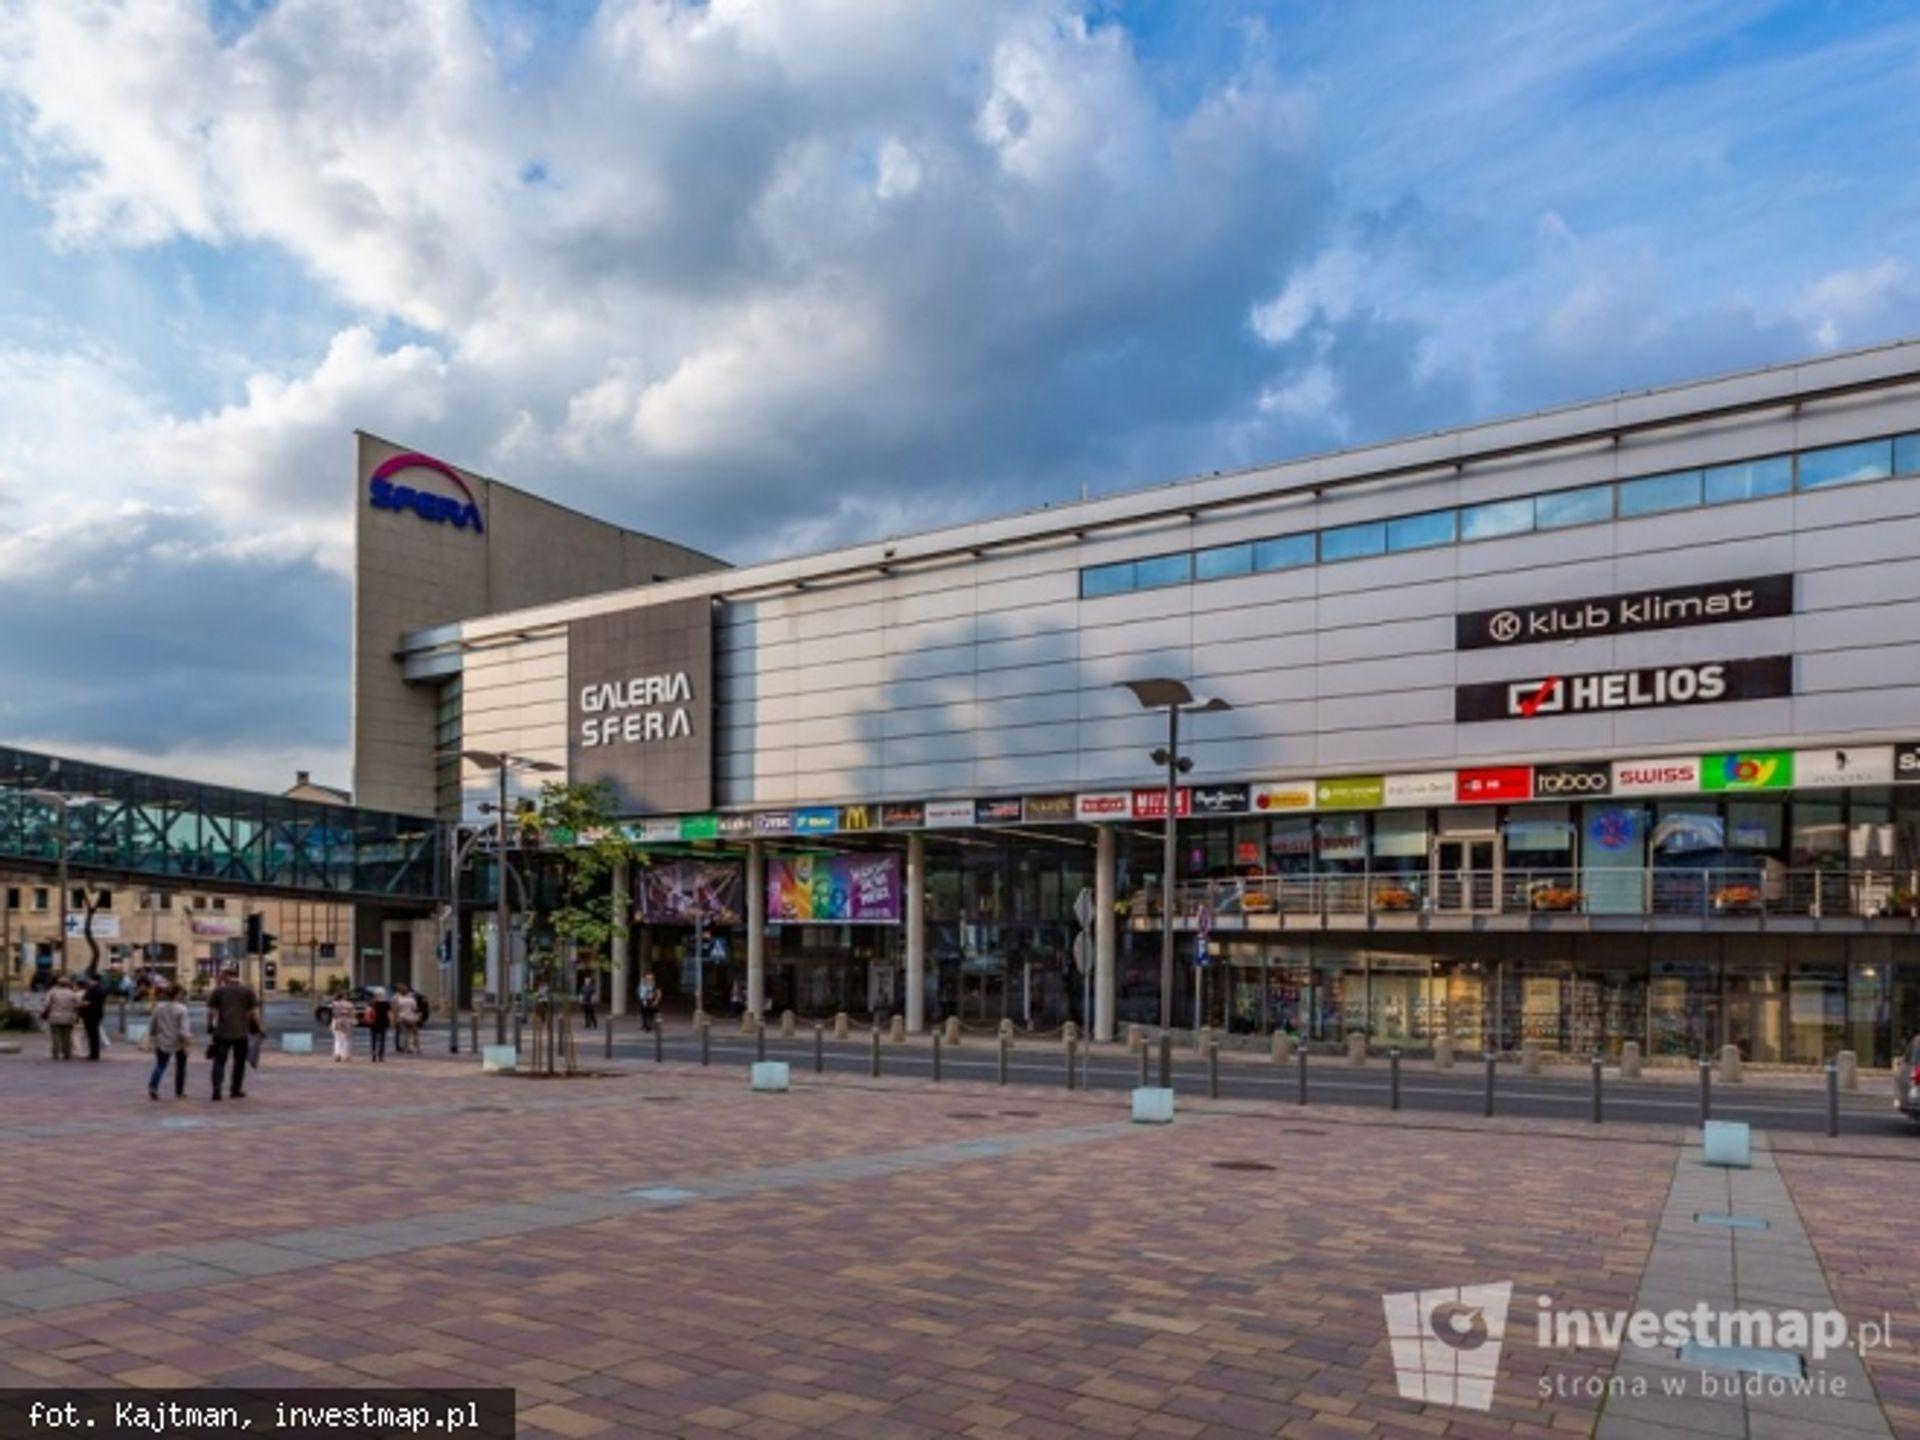 [śląskie] Prawie 13 mln klientów odwiedziło Galerię Sfera w Bielsku-Białej w 2015 r.